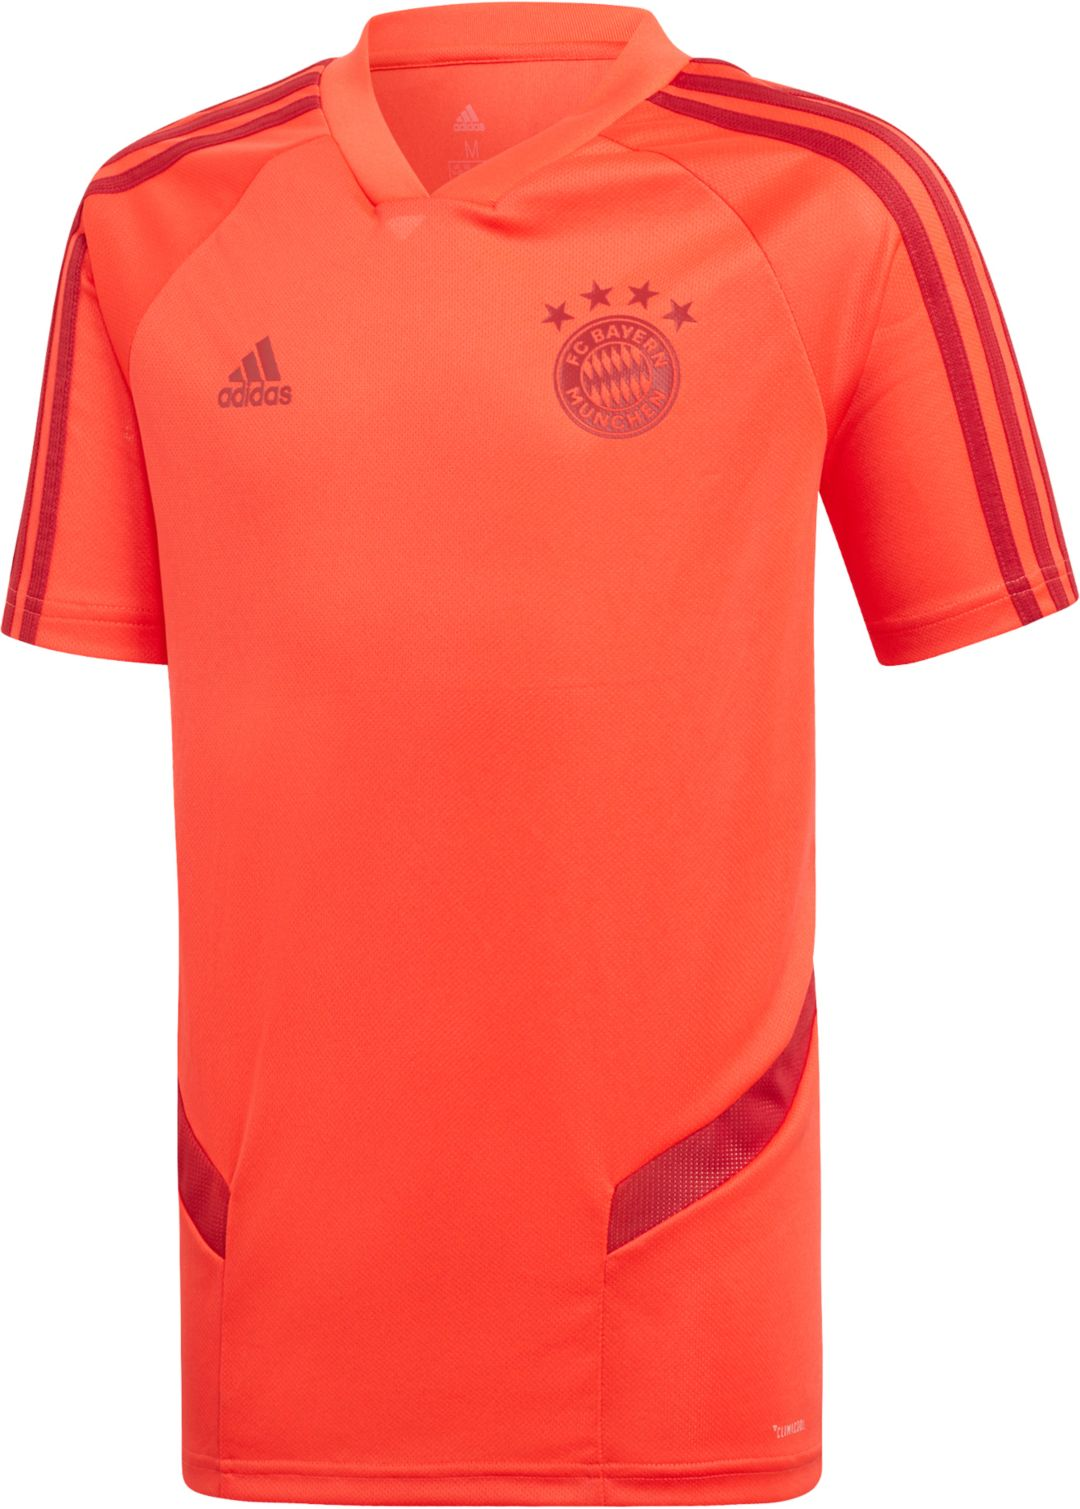 promo code e822e 9d5fb adidas Youth Bayern Munich '19 Red Training Jersey